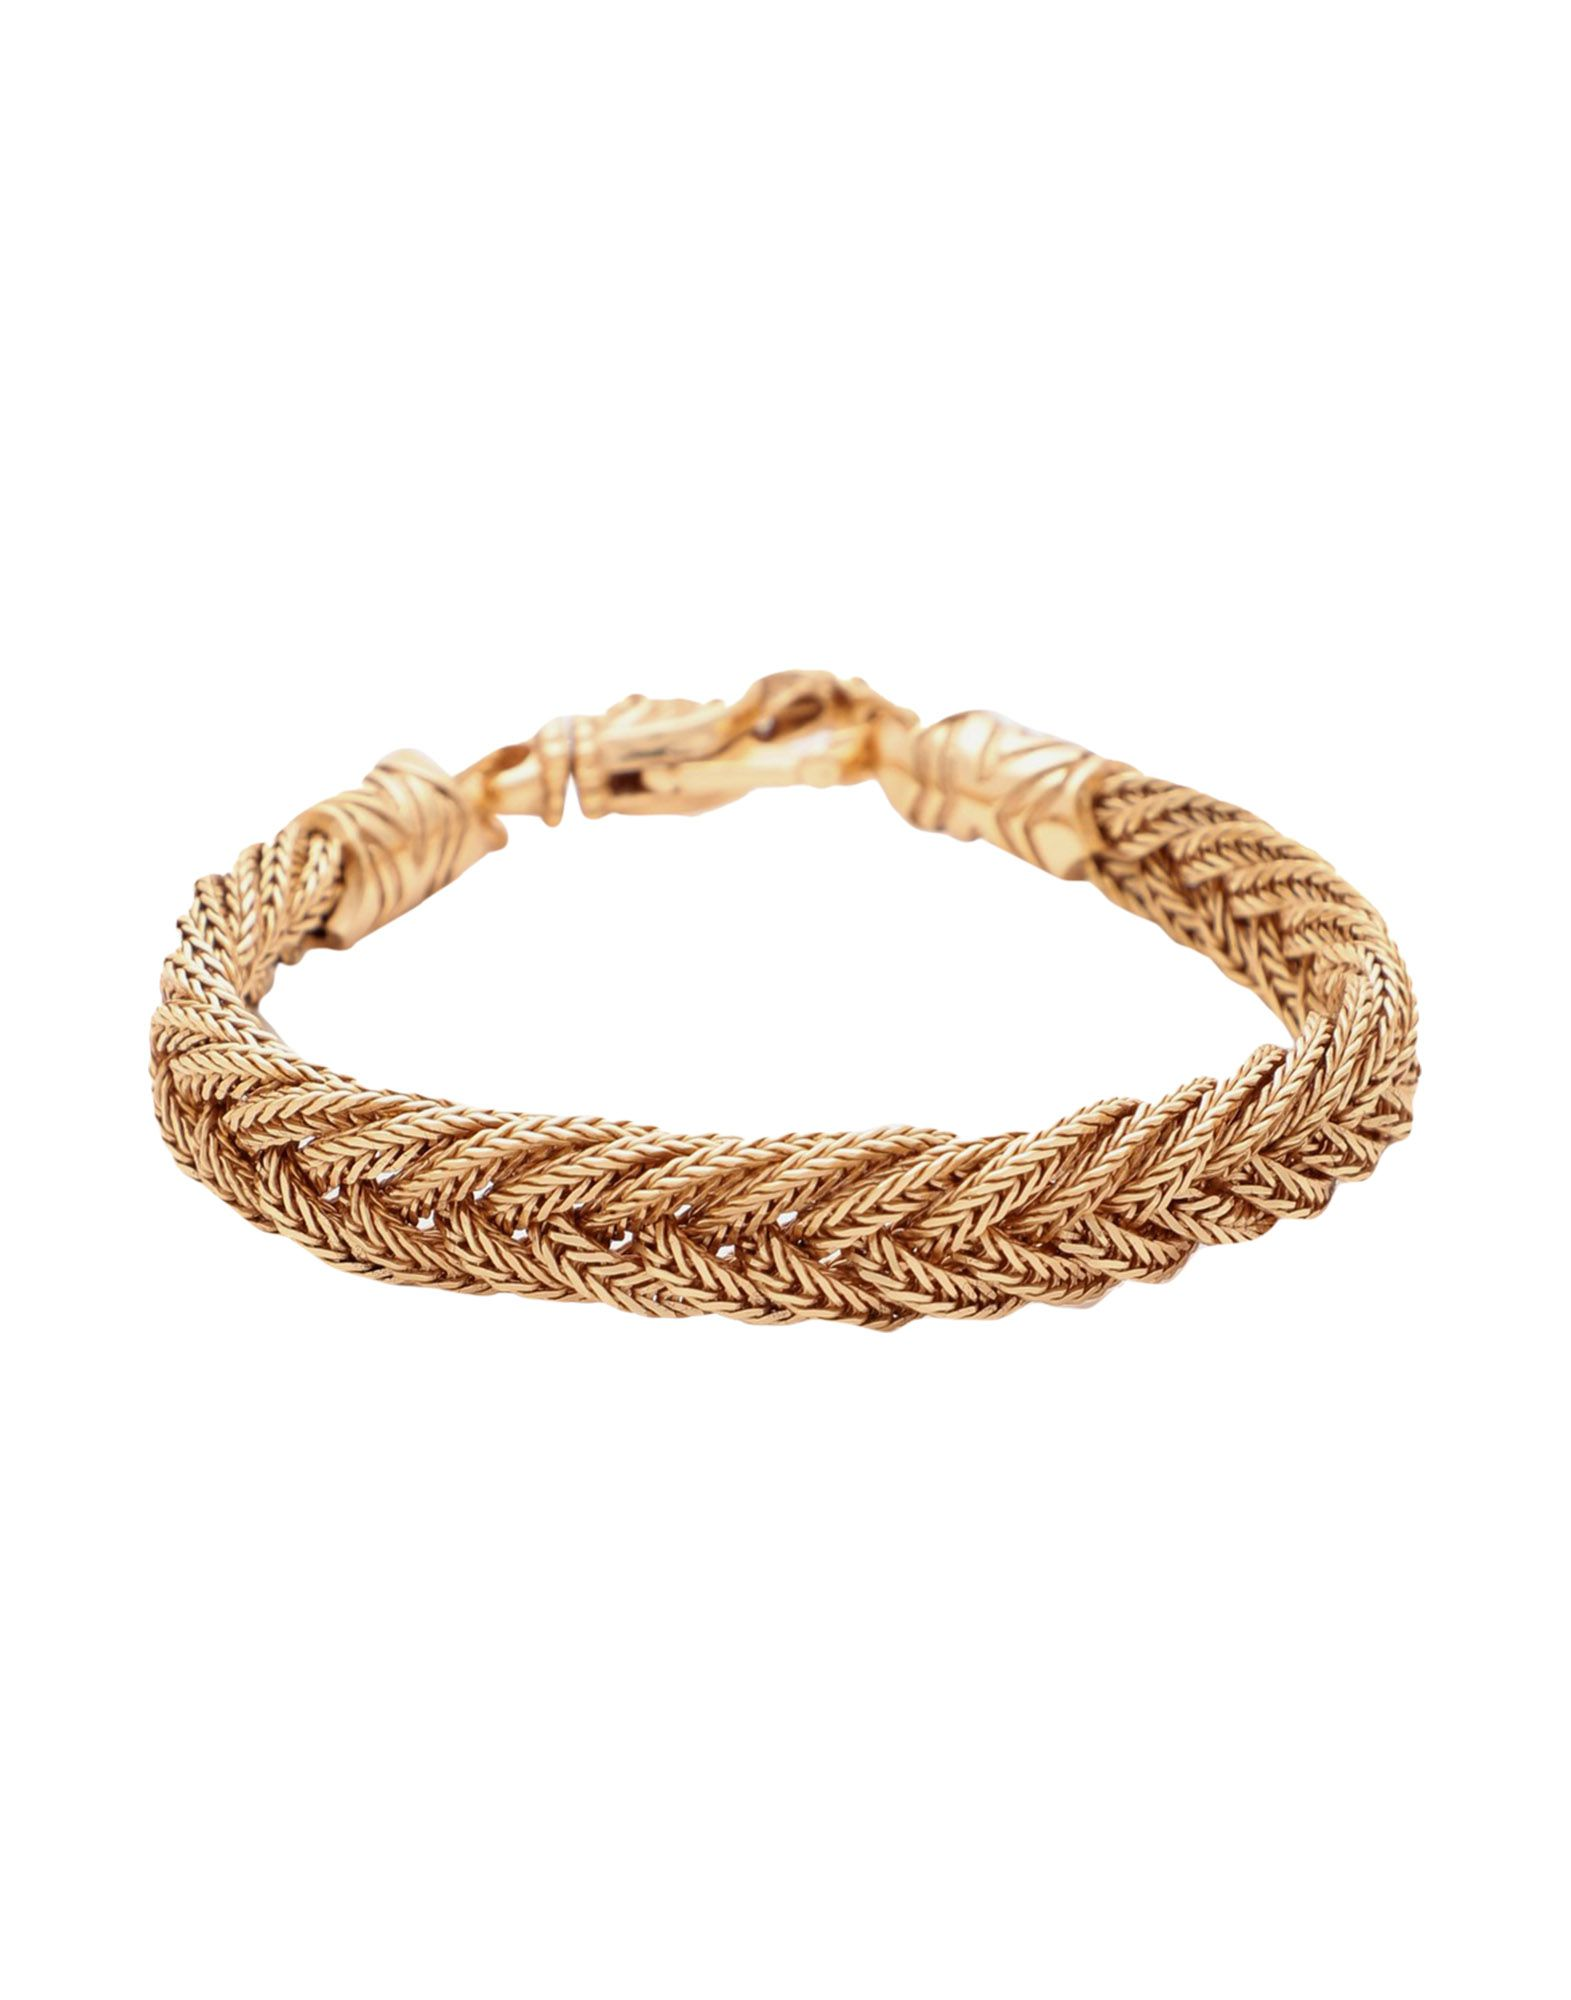 EMANUELE BICOCCHI エマヌエーレ・ビコッキ Unisex ブレスレット GOLD DIAMOND CUT BRAIDED ゴールド